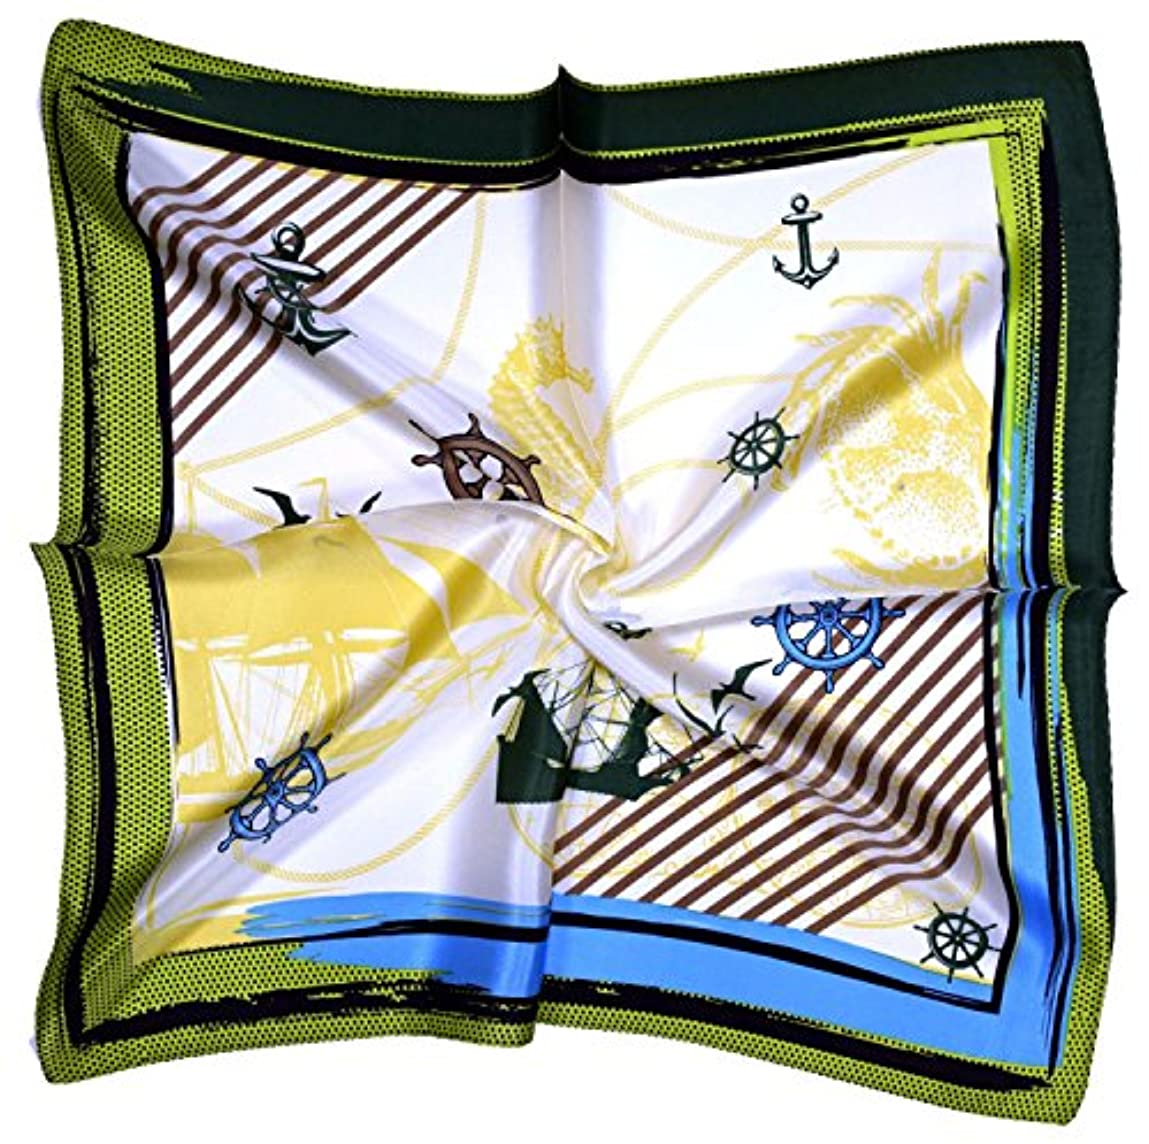 店主哲学価値クリームグリーンアンカー印刷厚い小さな正方形シルクスカーフ